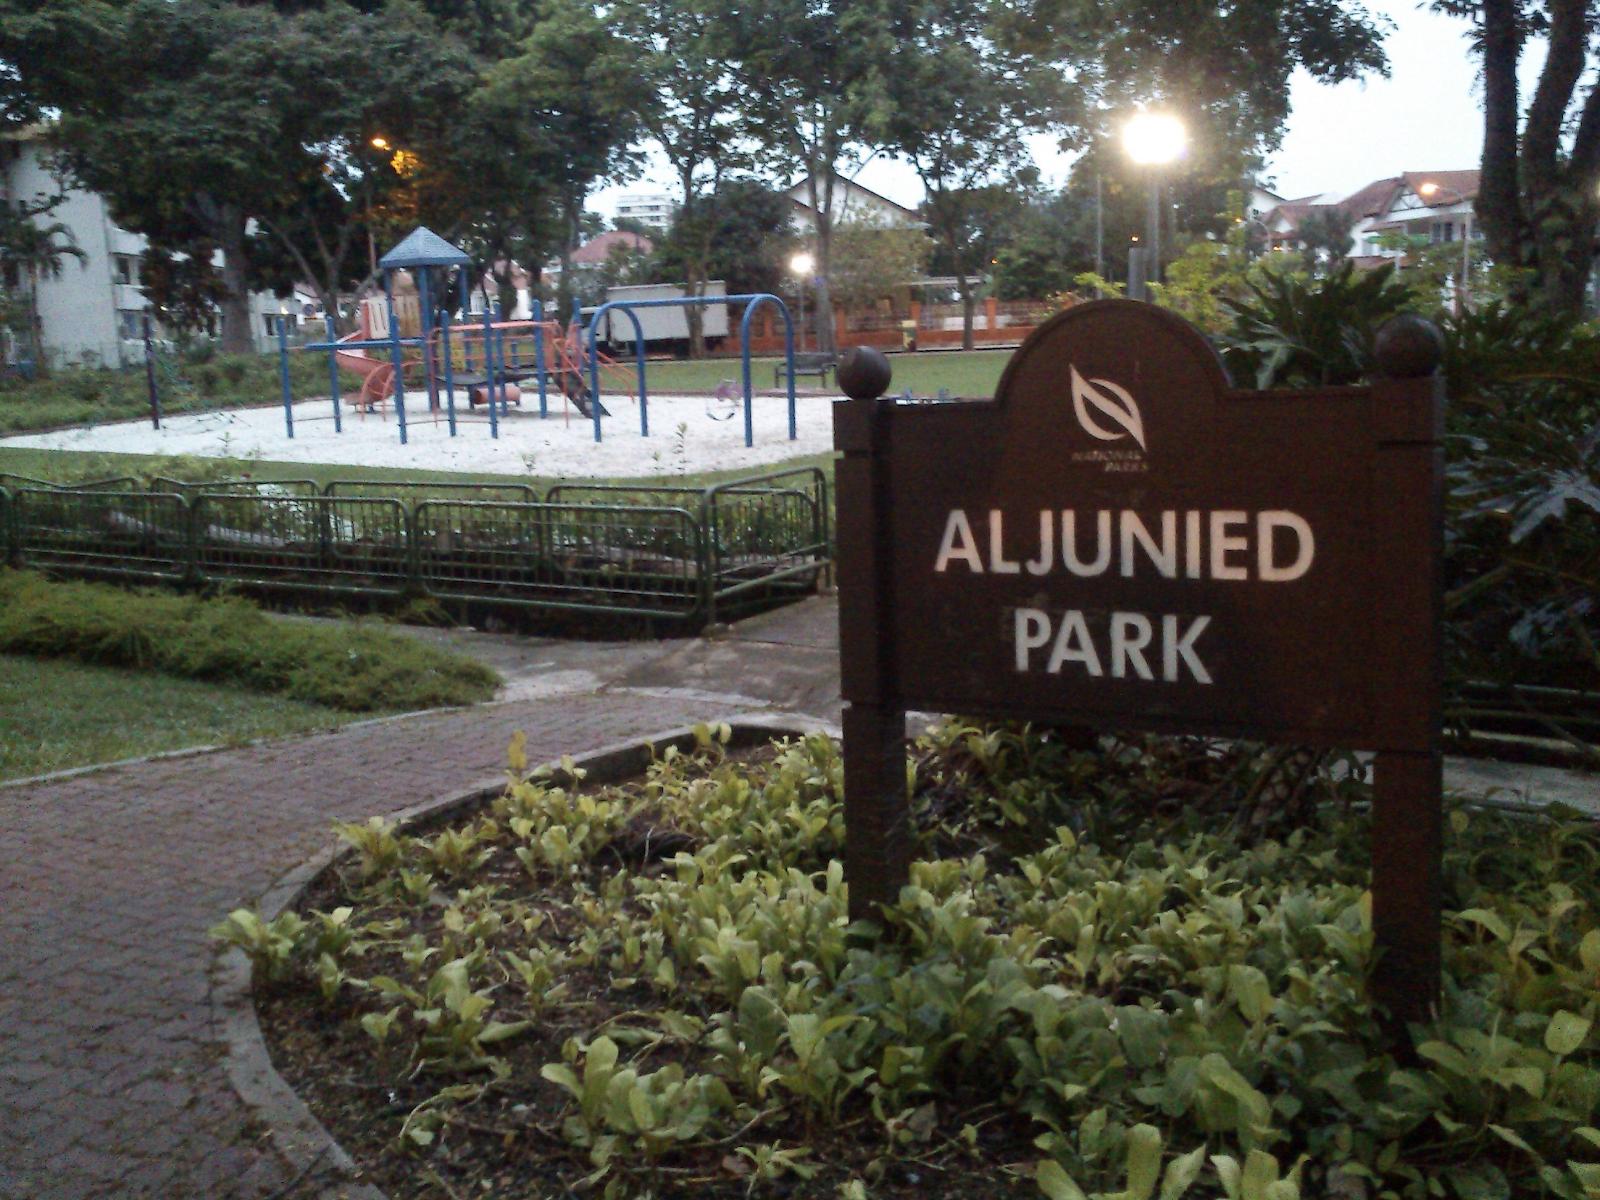 Aljunied Park in Geylang